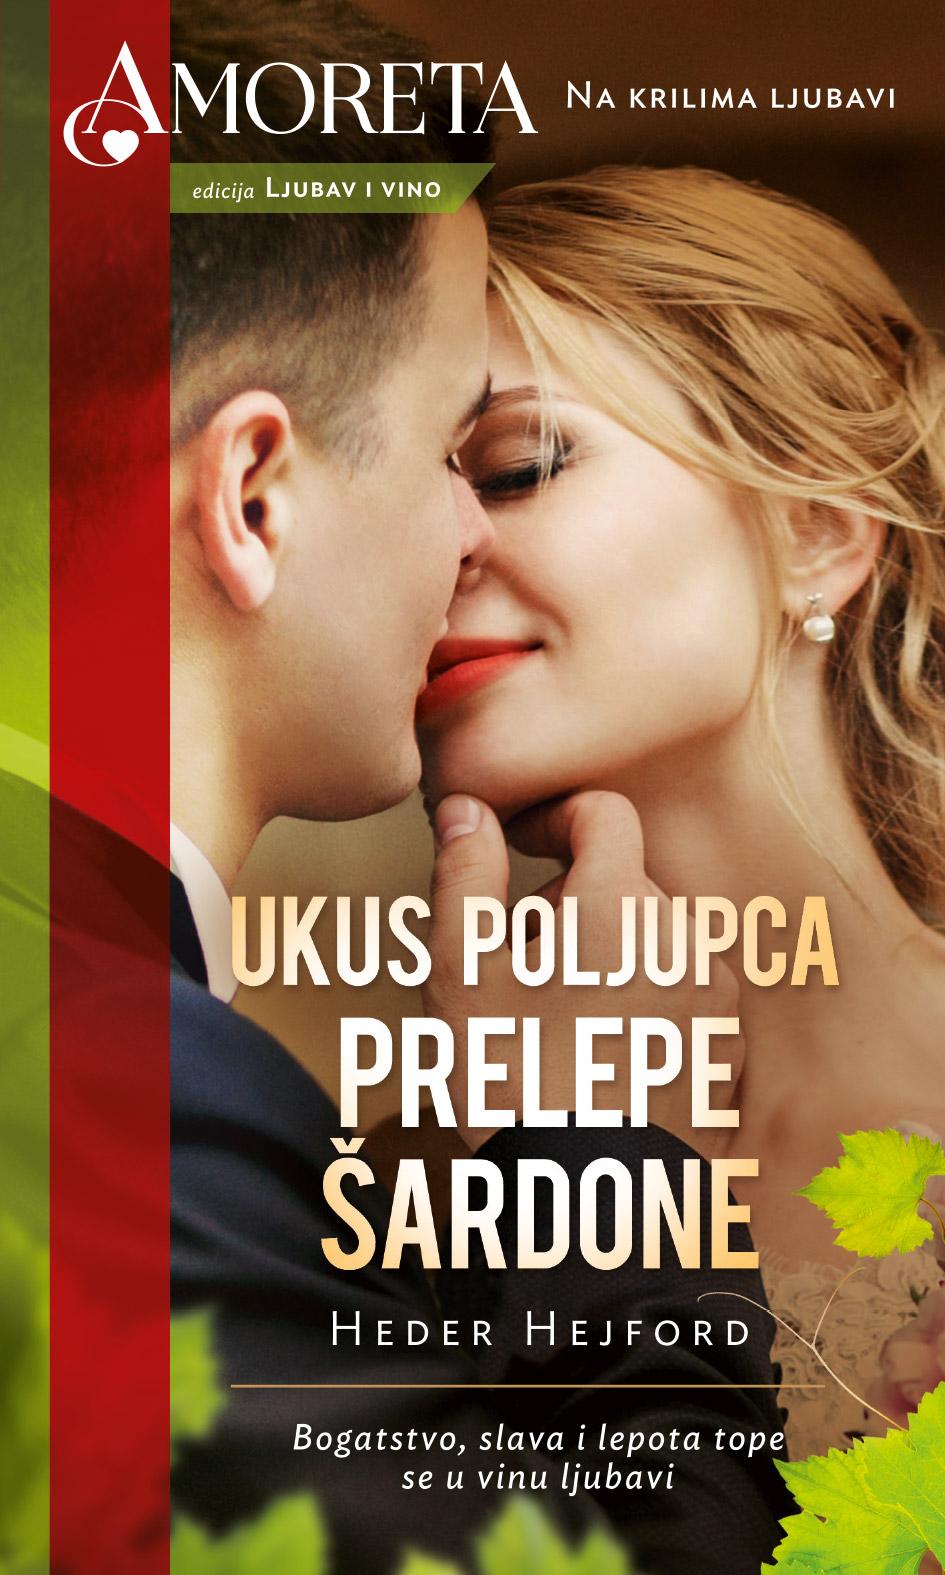 ukus-poljupca-prelepe-sardone-amoreta-korice-fin